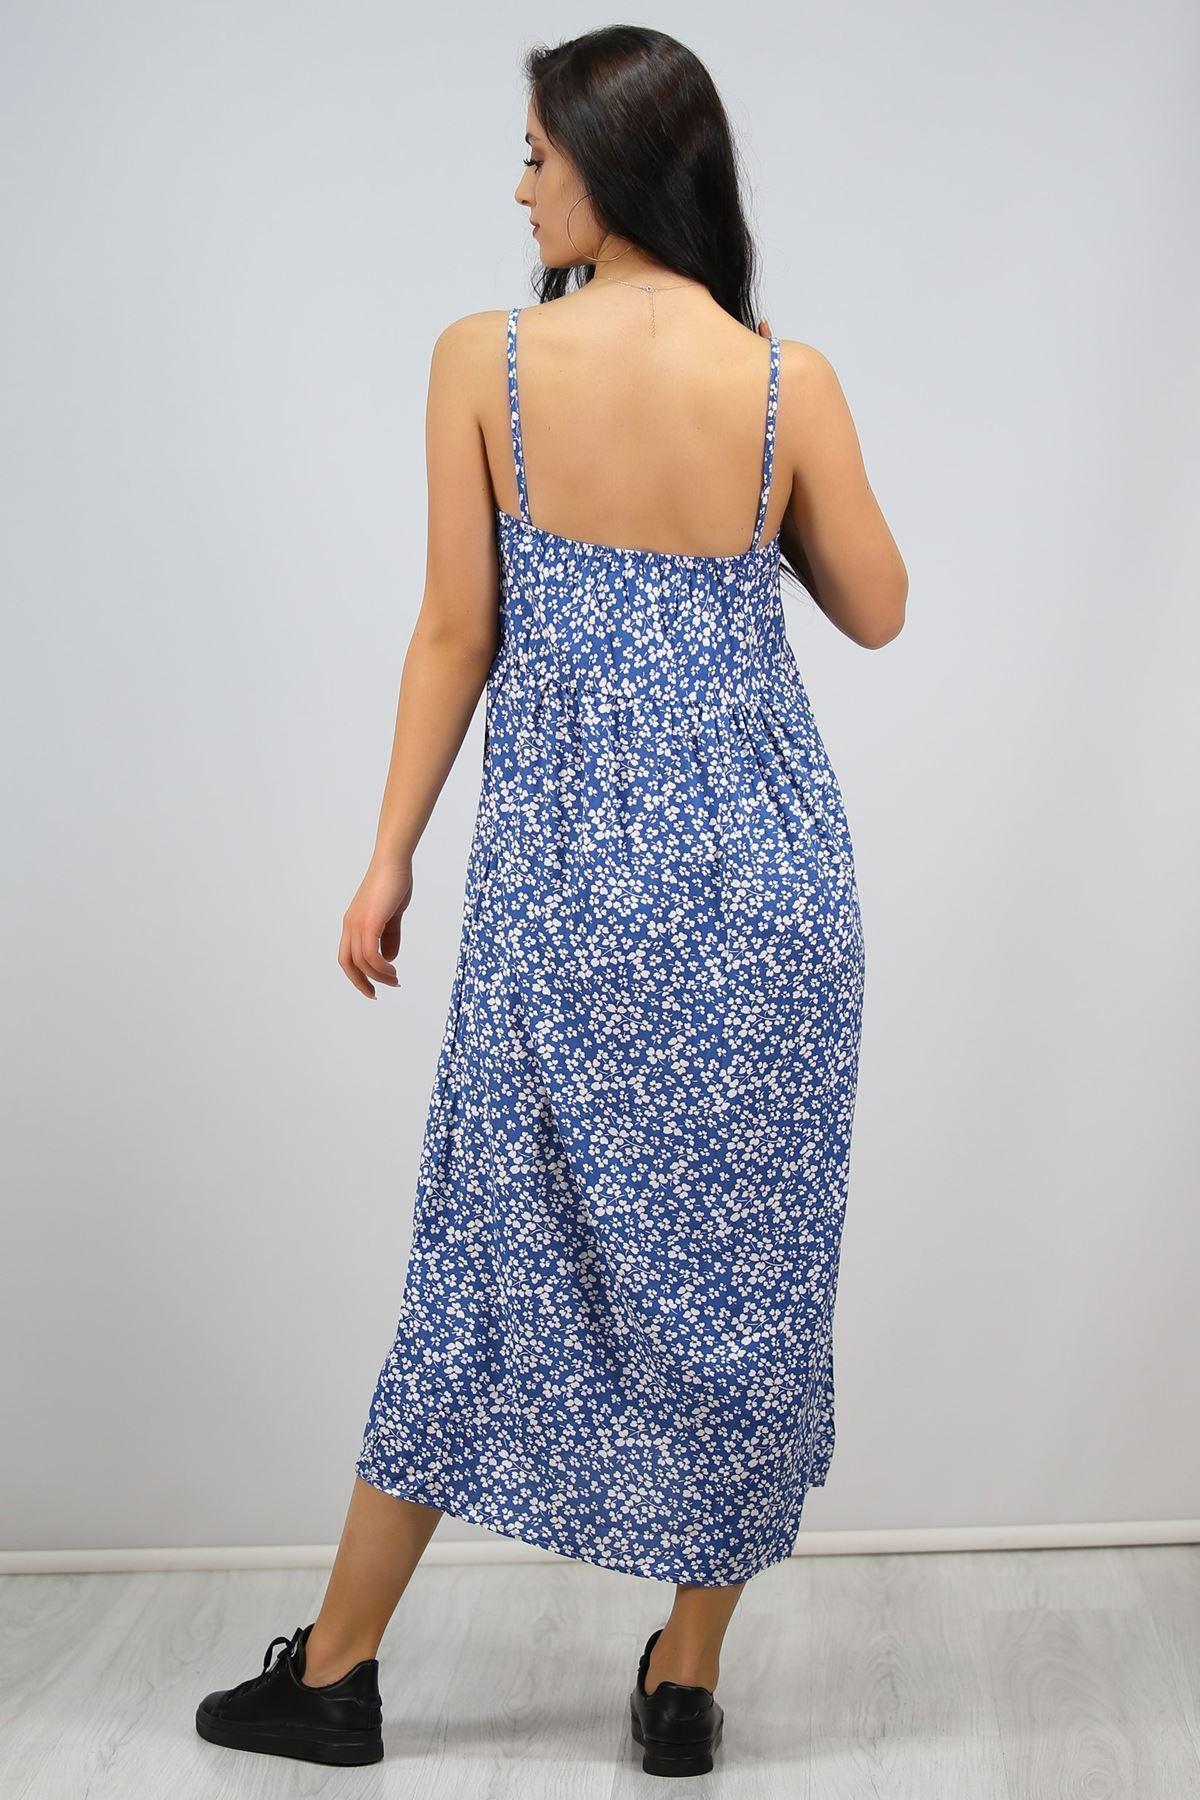 İp Askılı Bağcıklı Elbise Mavi - 6592.1293.